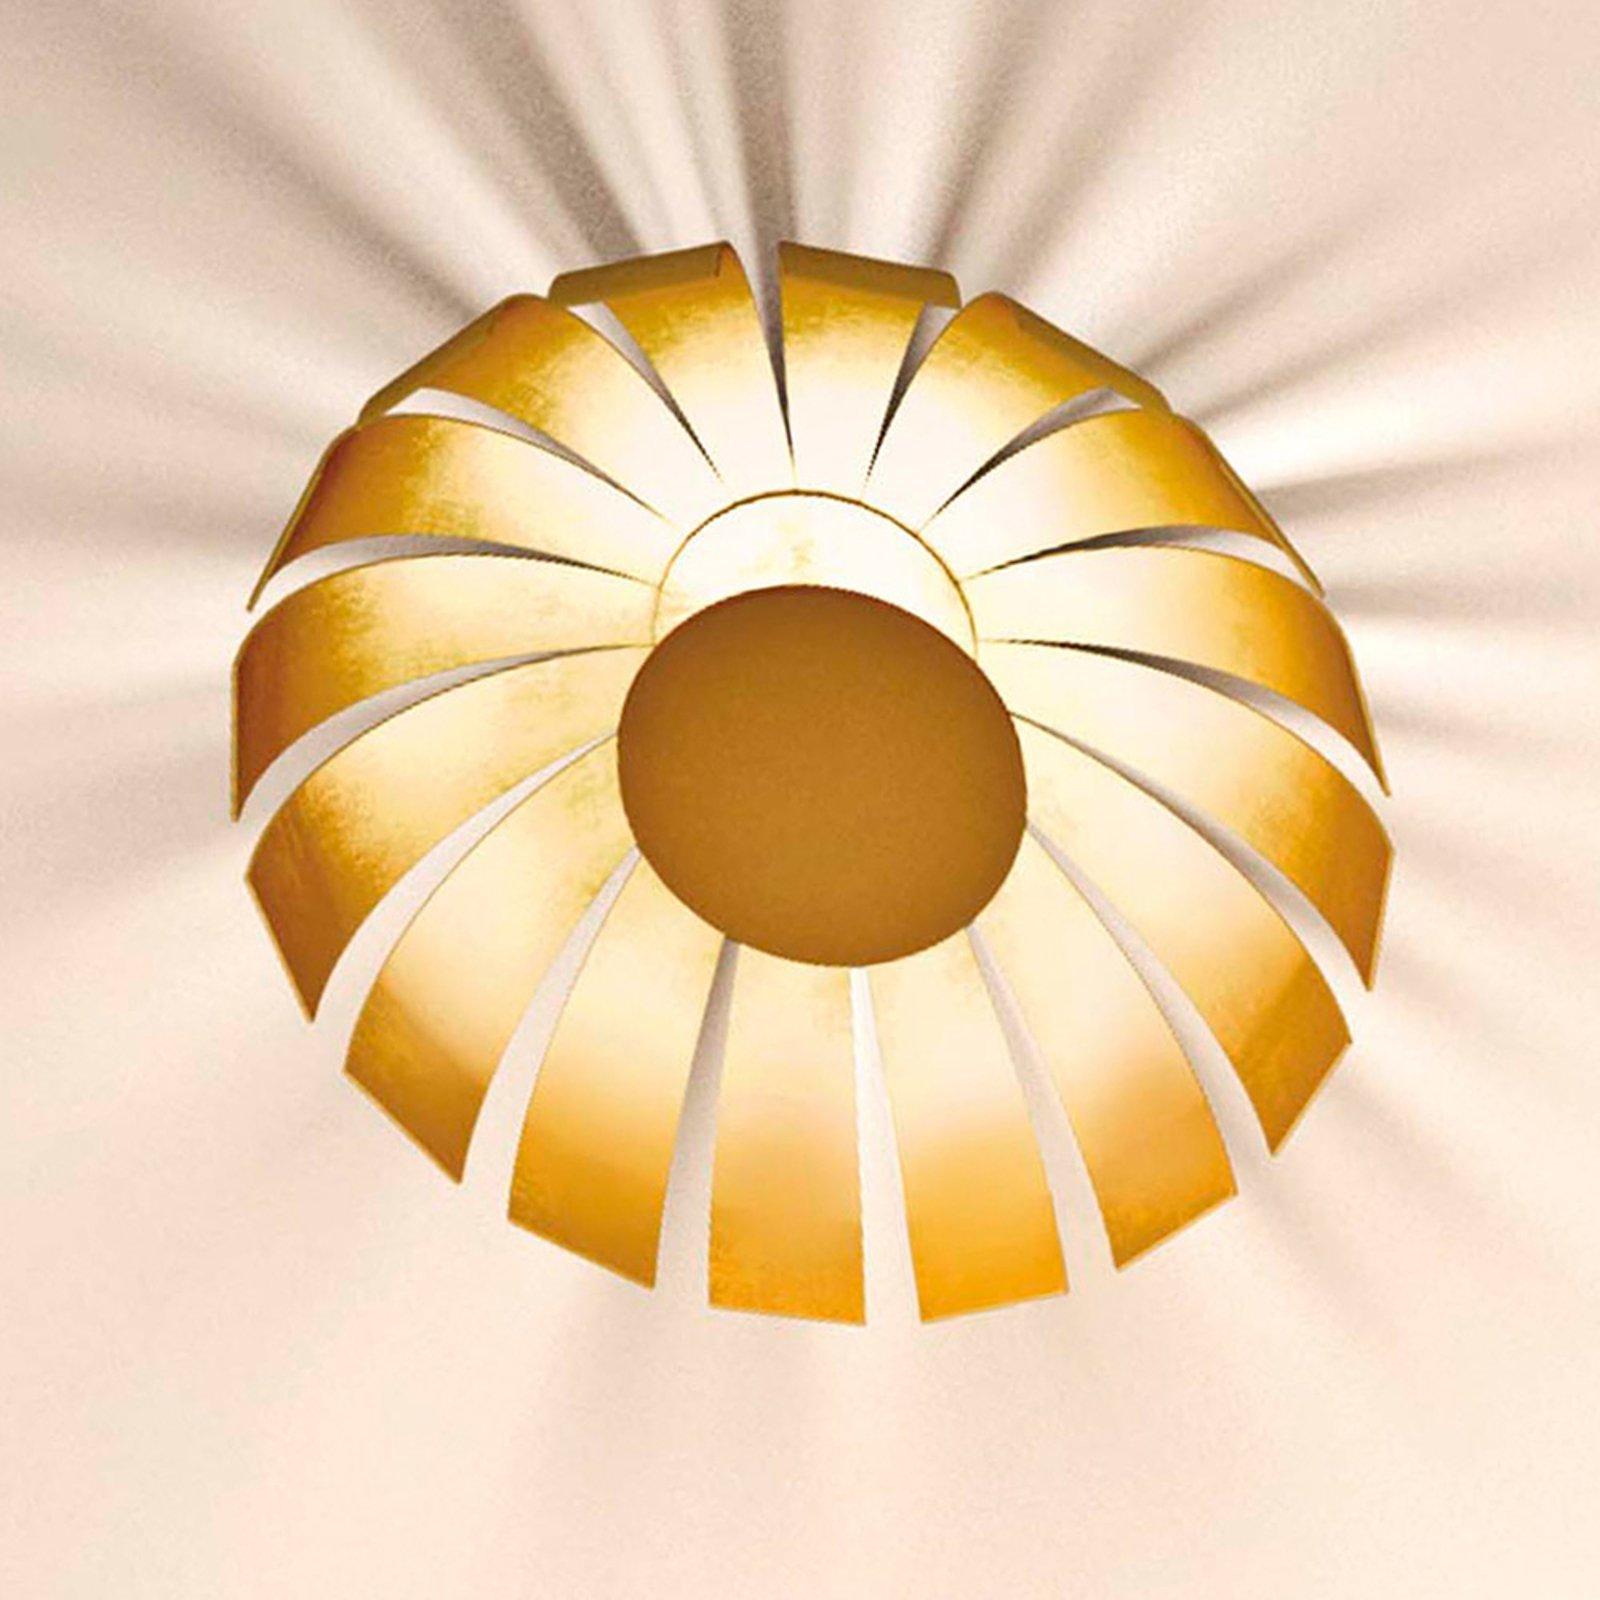 Loto forgylt LED-designer-taklampe, 27 cm